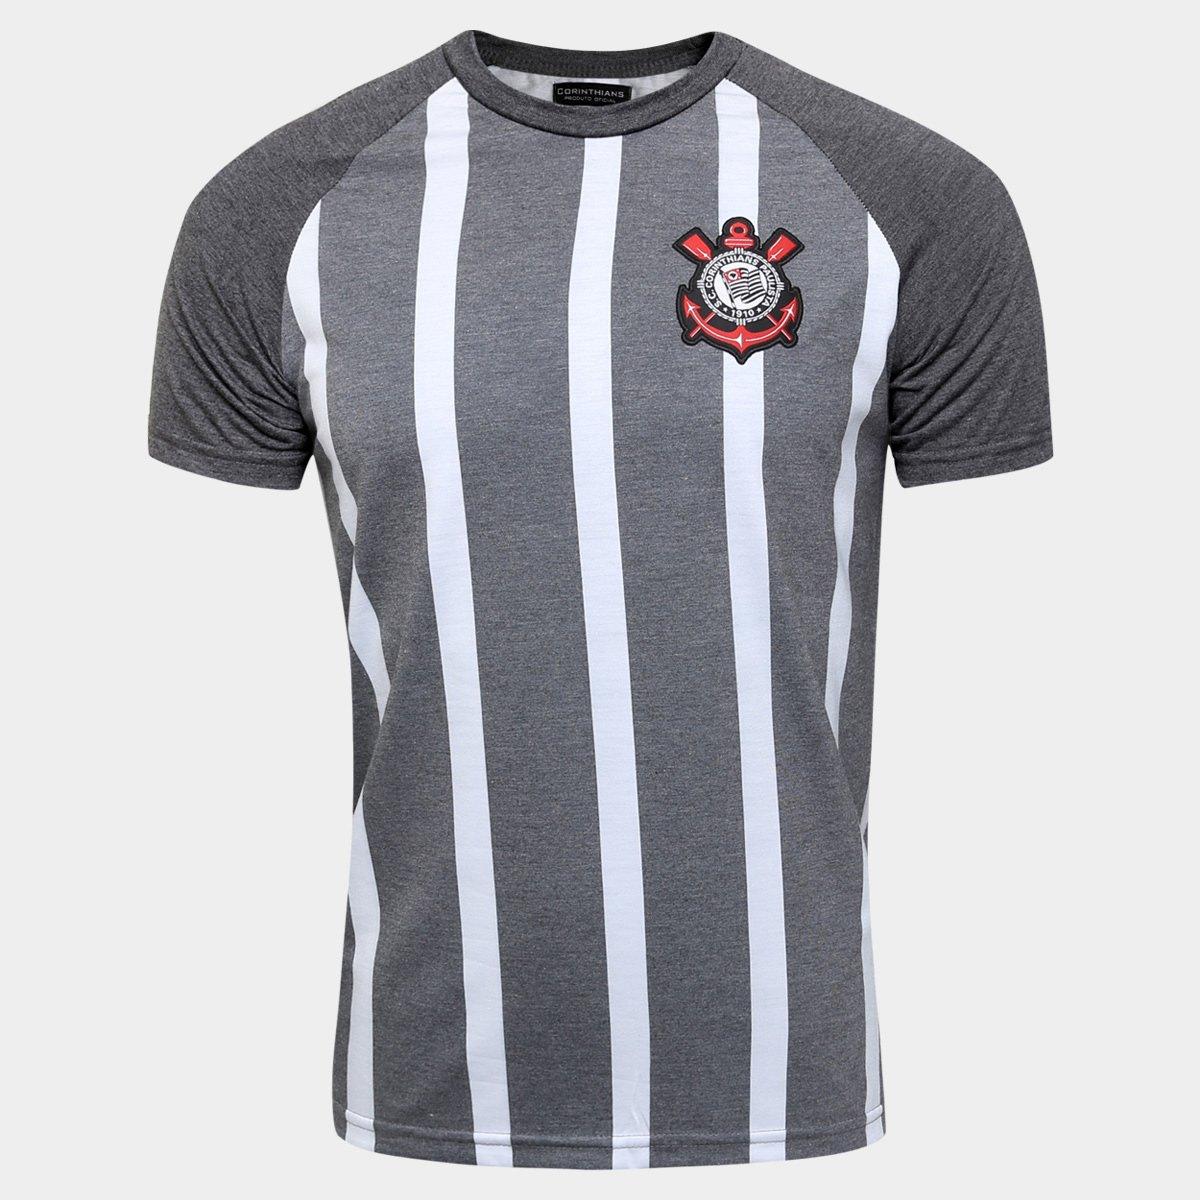 Camisa Corinthians Retrô Torcedor Masculina - Compre Agora  e19056b397e80